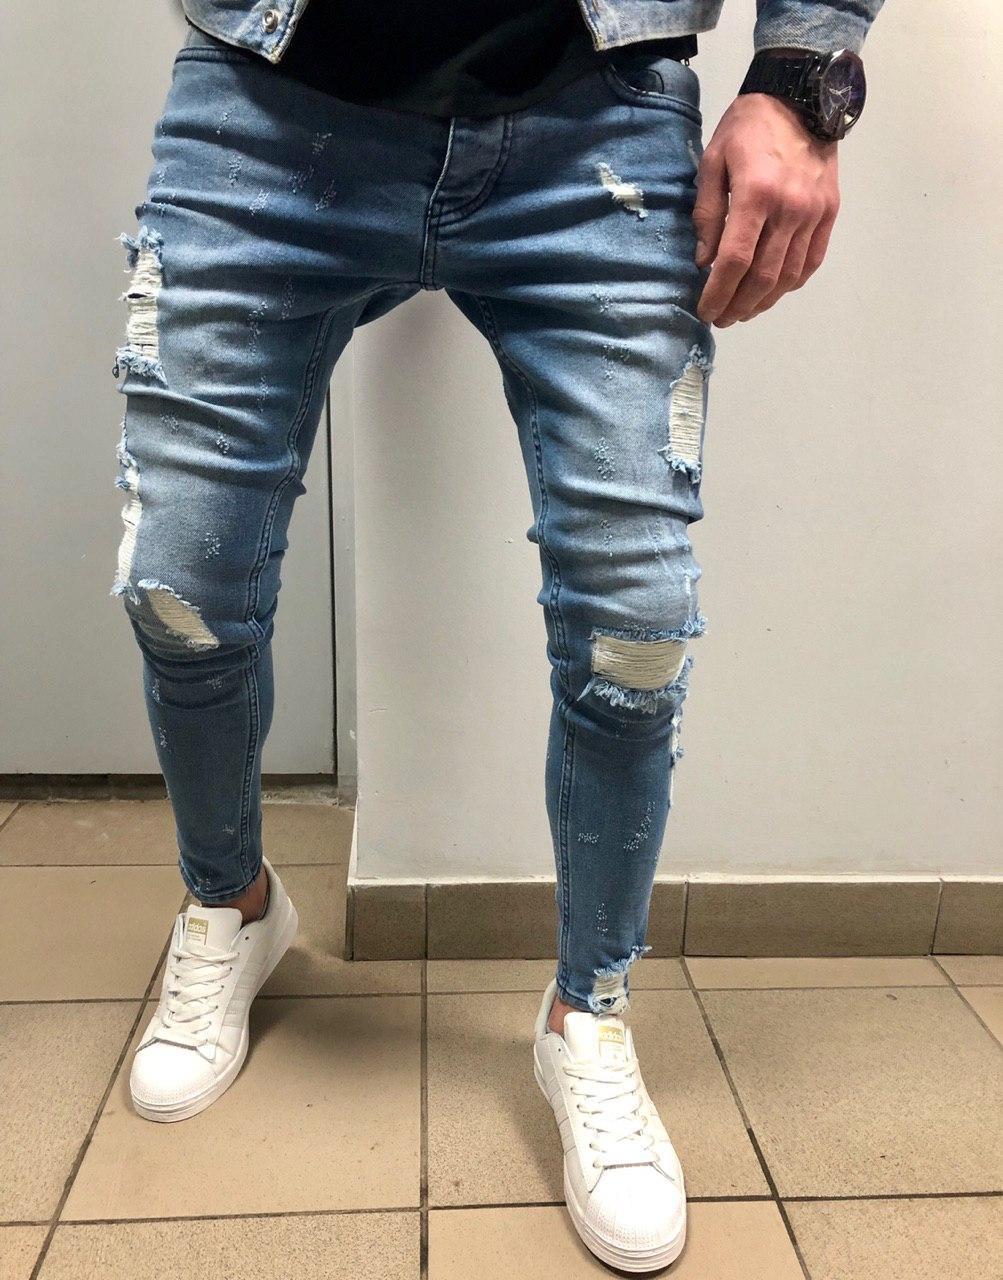 07253421e71 Мужские светлые джинсы рваные с подшитыми дырками - Магазин с Кэшбэком 😘  apolloShop.com.